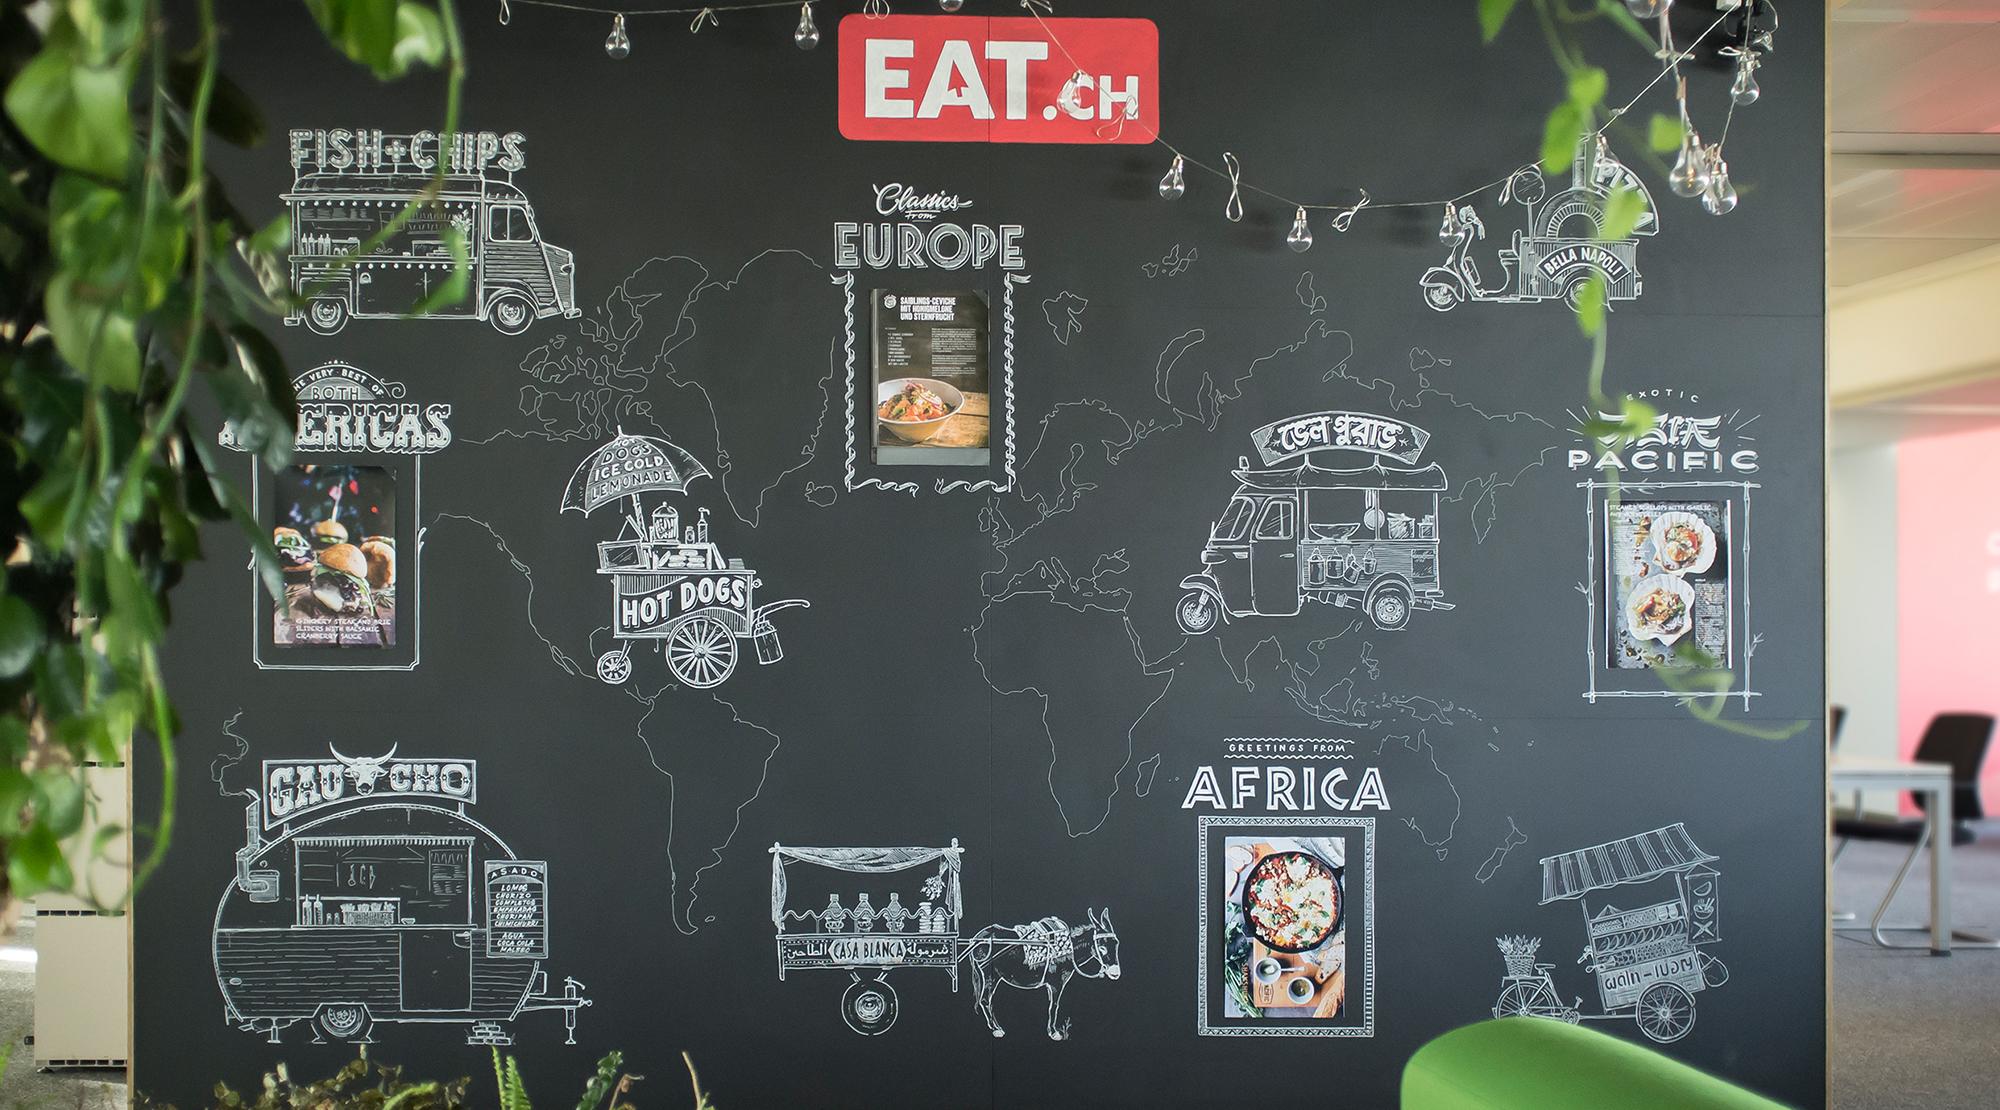 eat.ch office mural, Wandgestaltung Schriftenmalerei, Wandbeschriftung, hand gemalt, Tafelbeschriftung, Tafelmaler